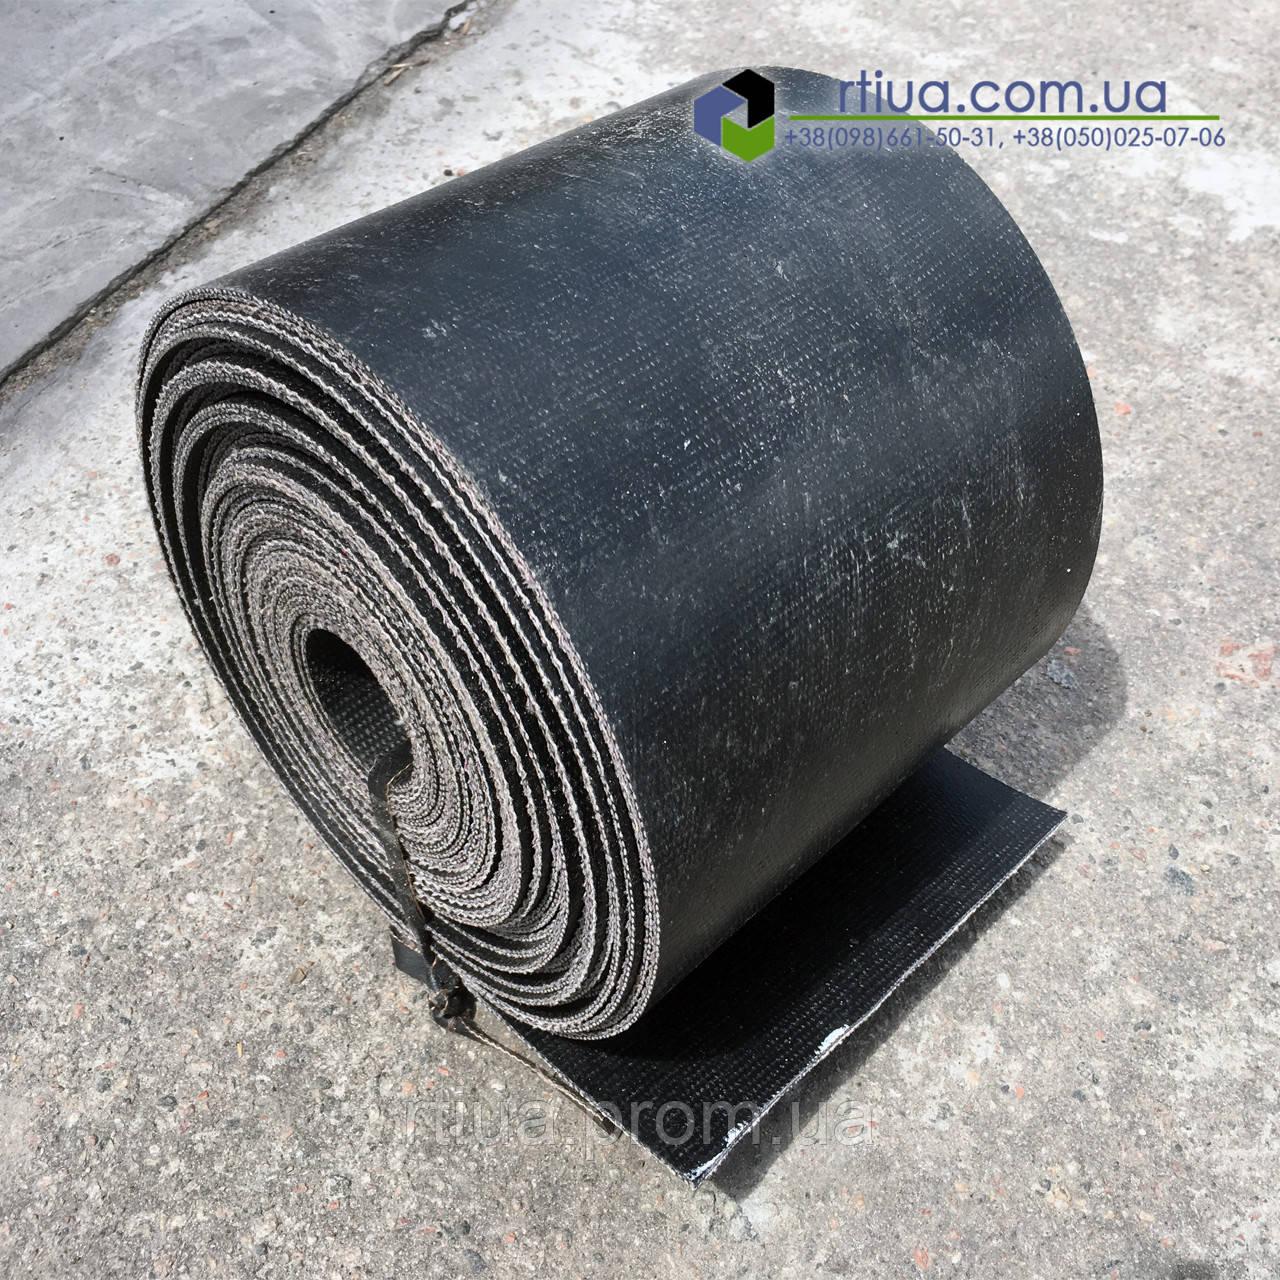 Транспортерная лента БКНЛ, 800х4 - 2/0 (6 мм)